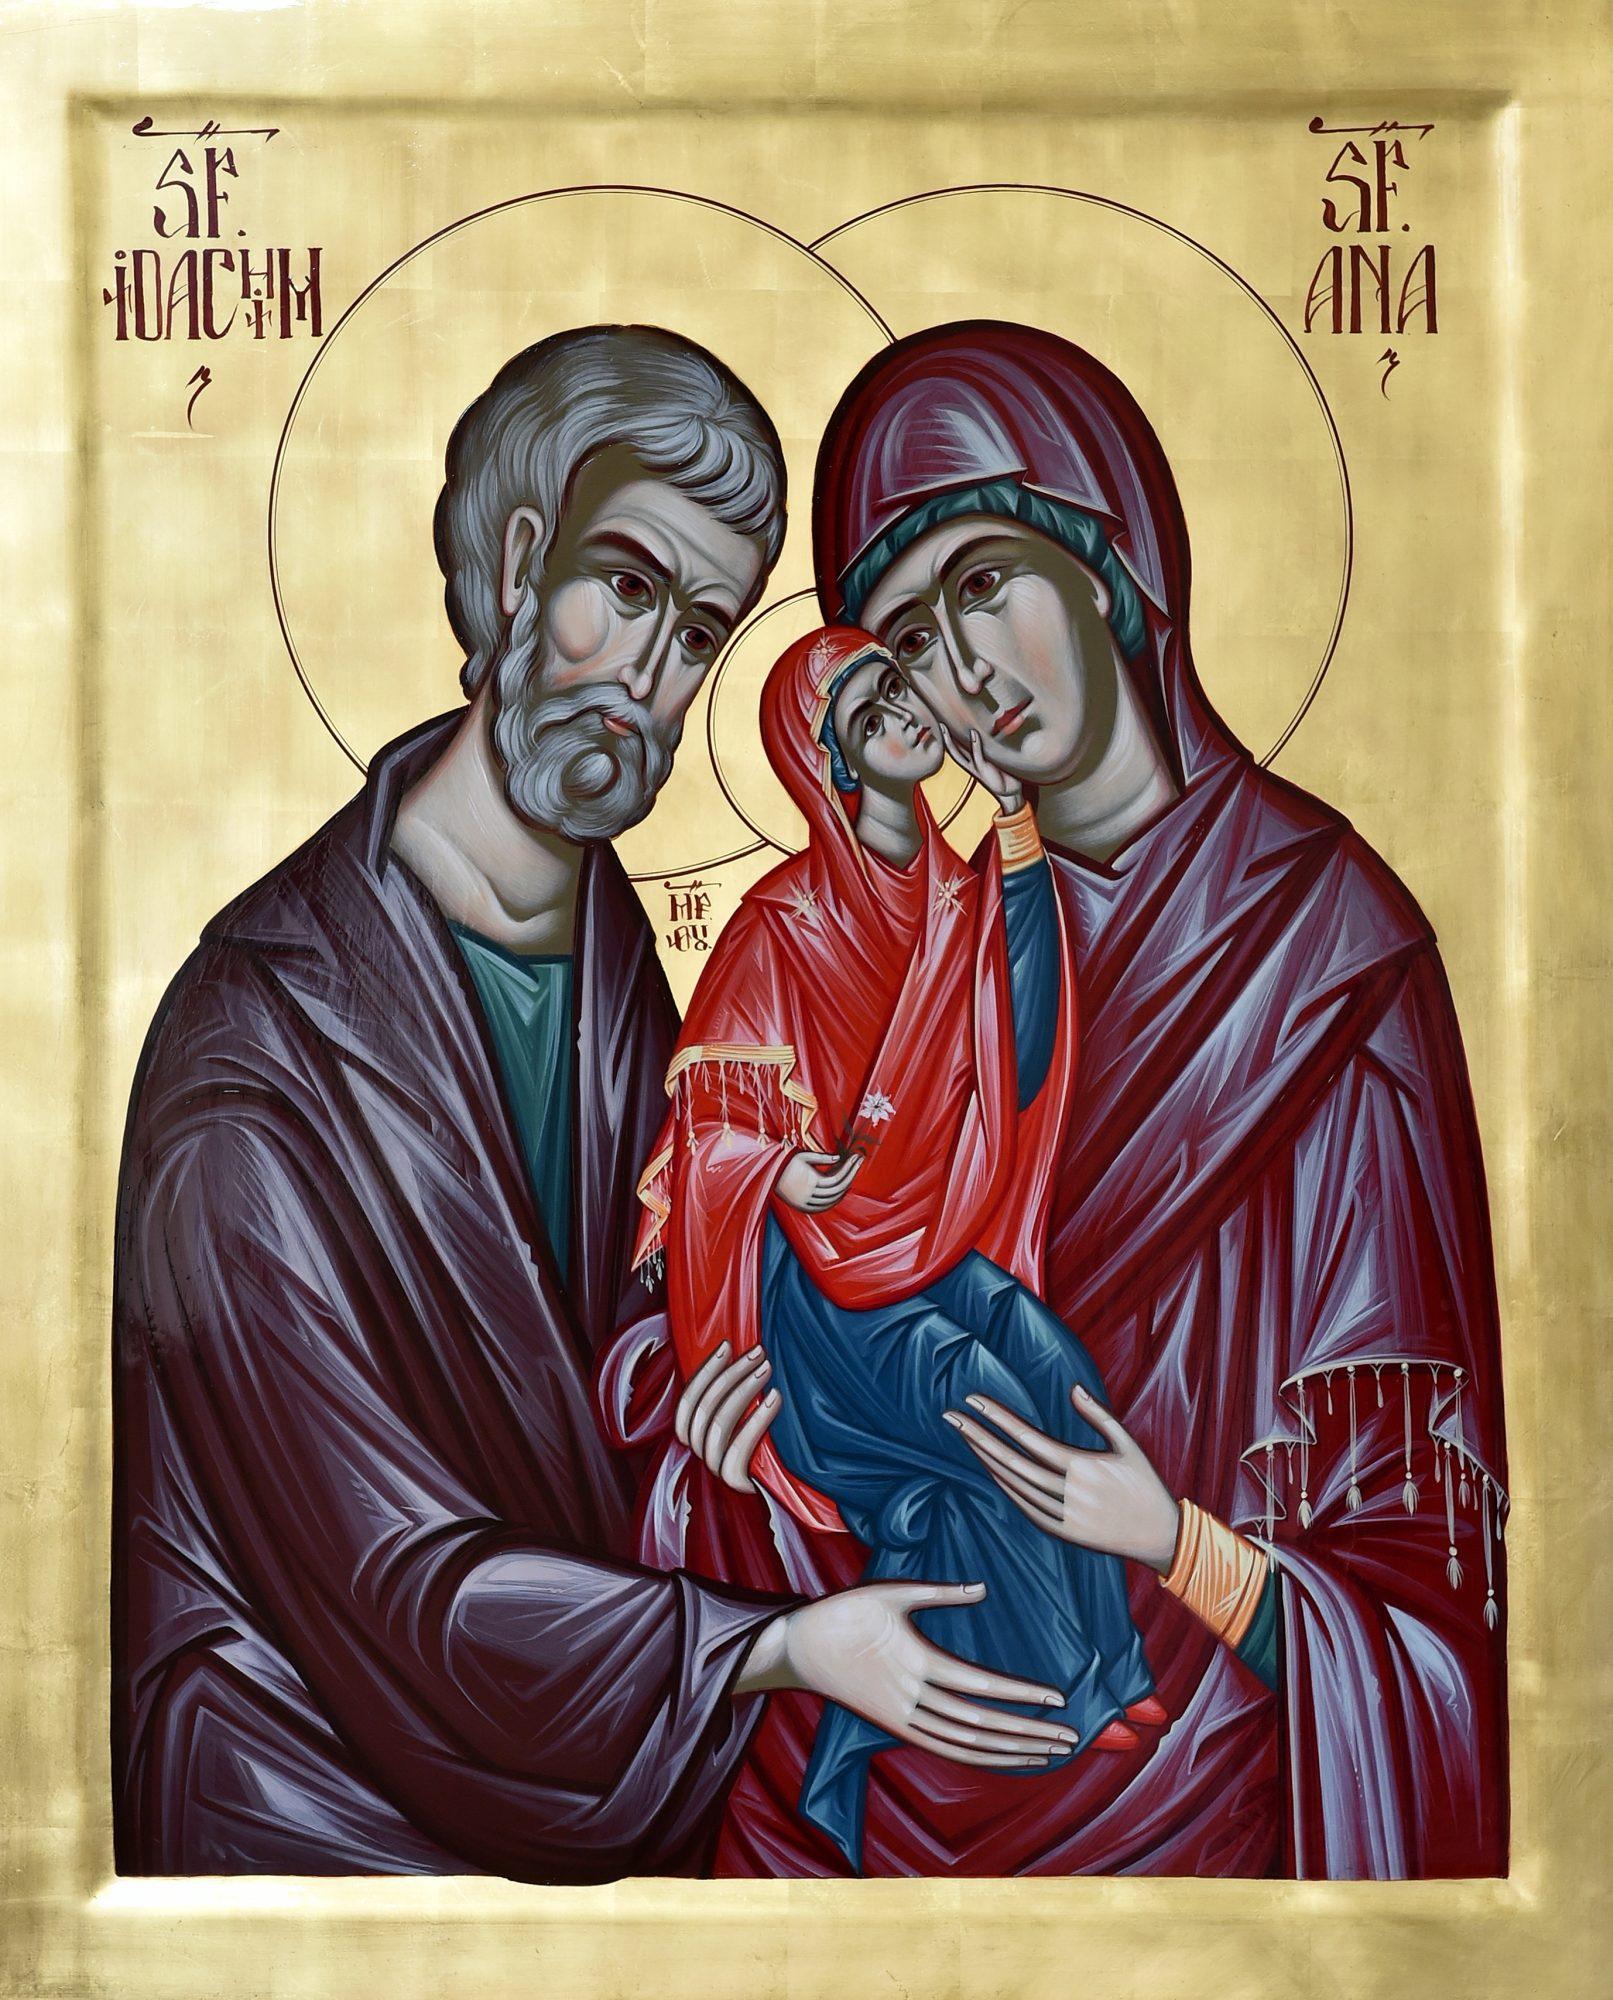 Icoana emblematică a Anului omagial 2020 este icoana Sfinţilor Părinţi Ioachim şi Ana şi a fiicei lor Fecioara Maria.